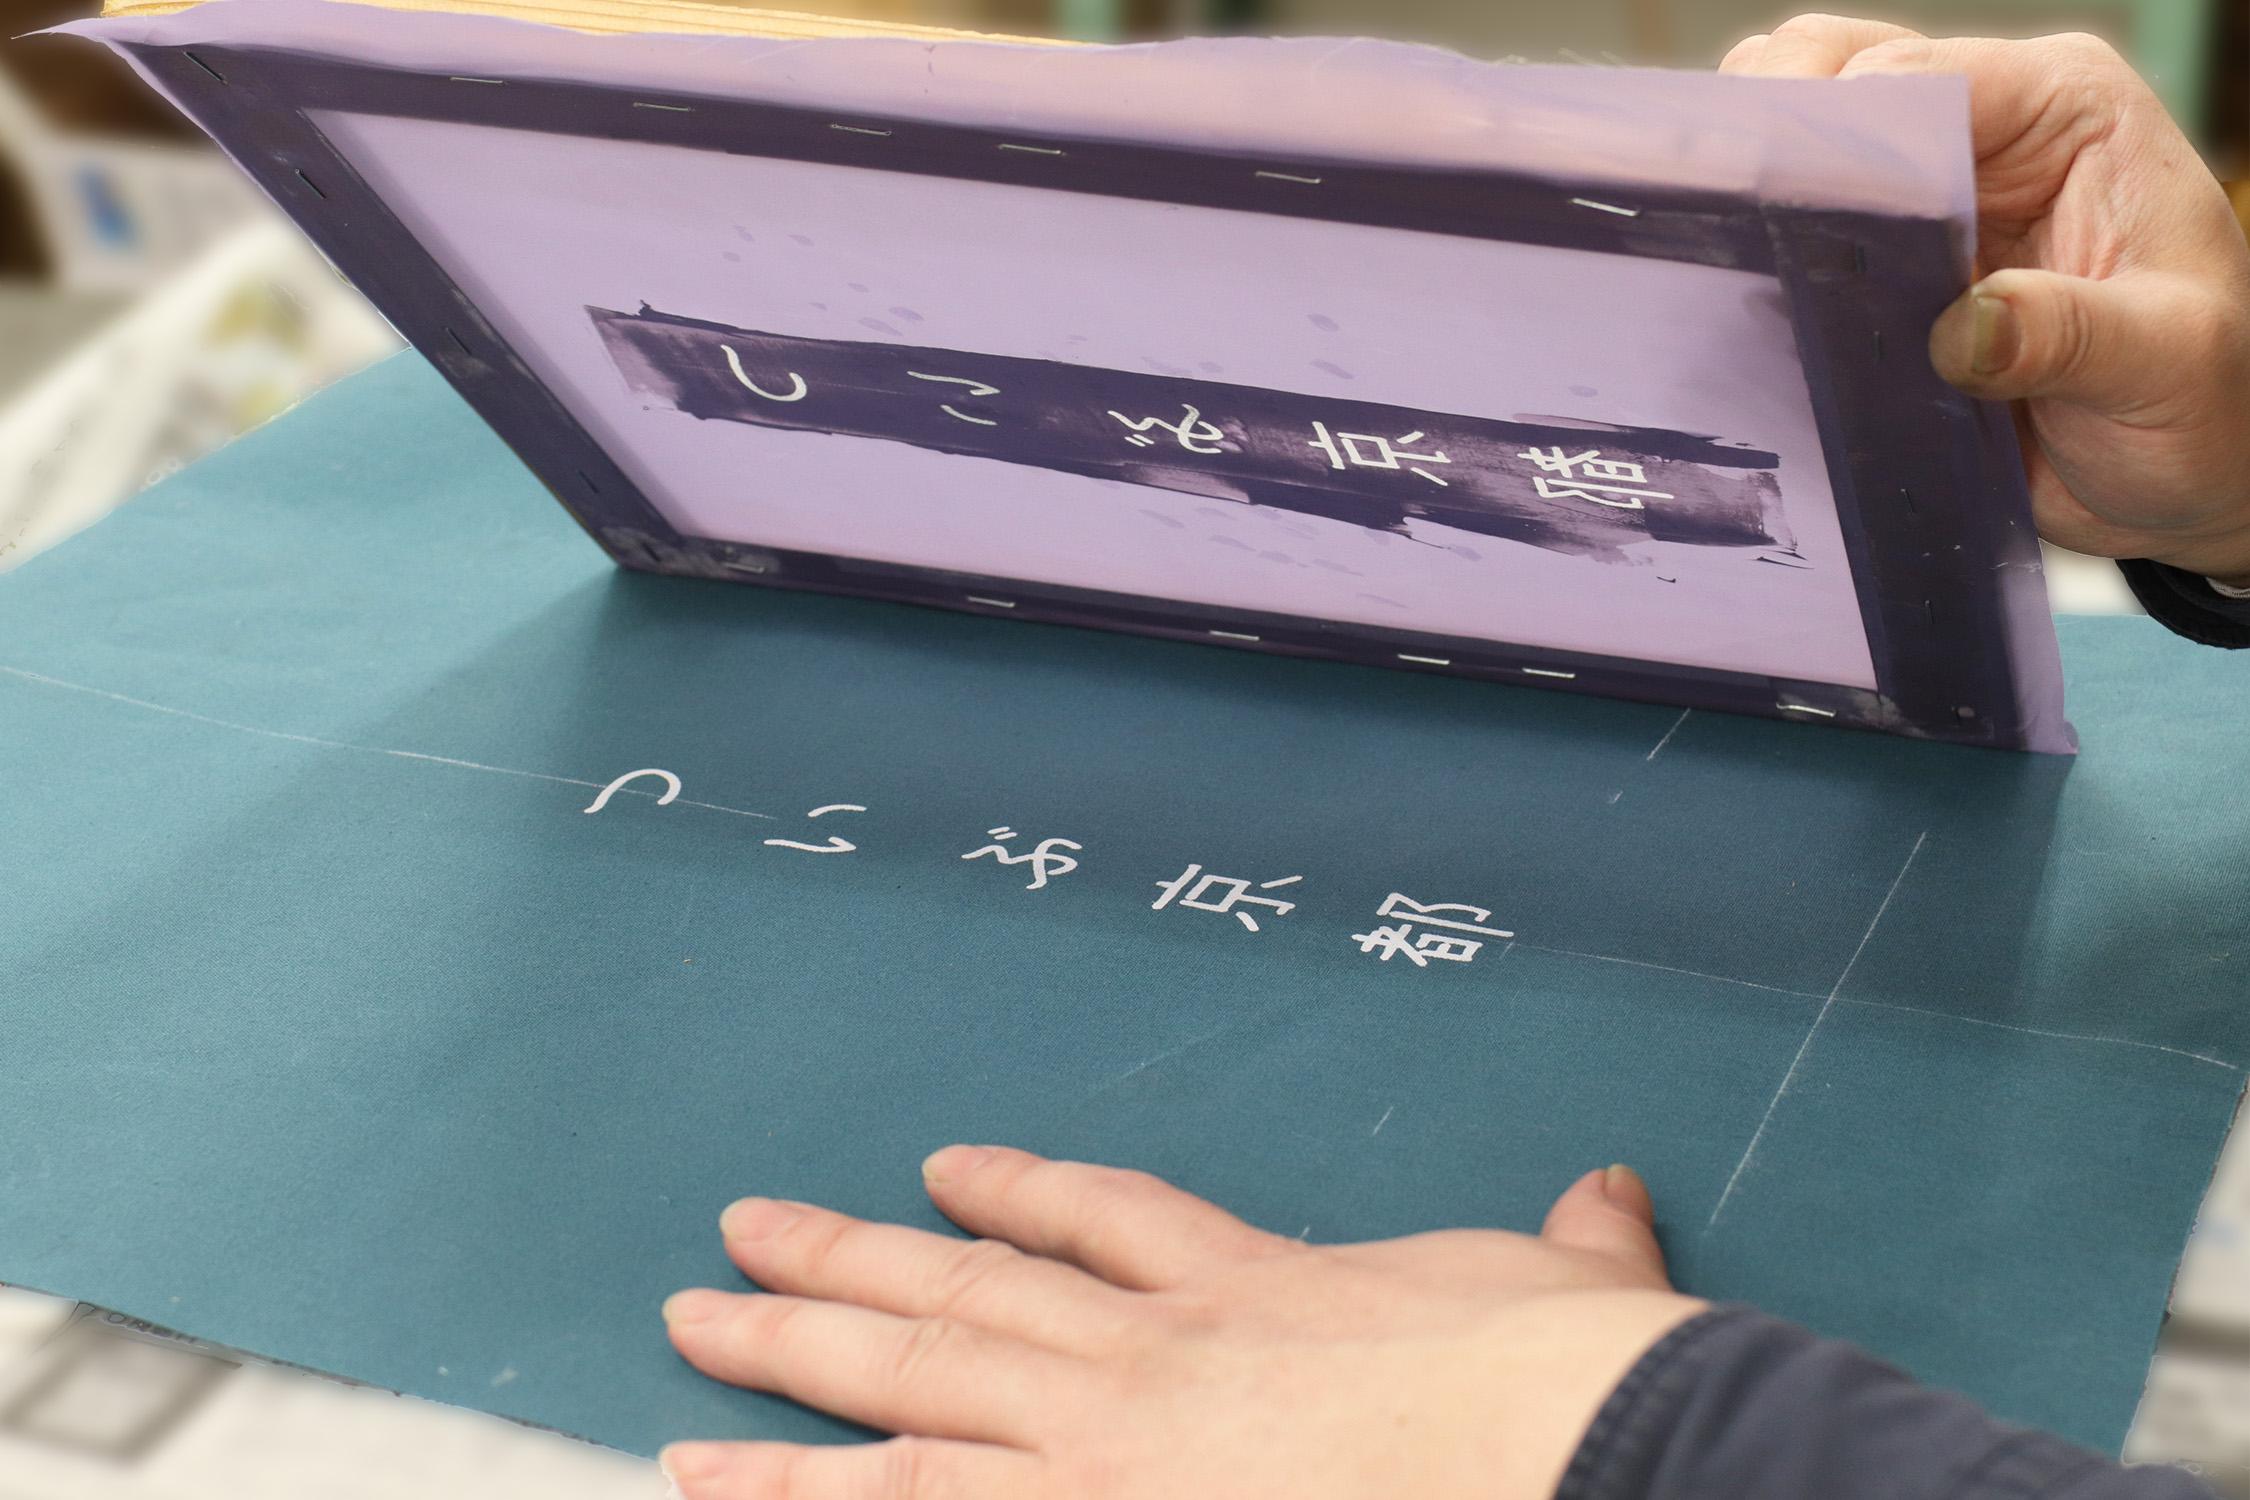 シルクスクリーンでロゴを印刷